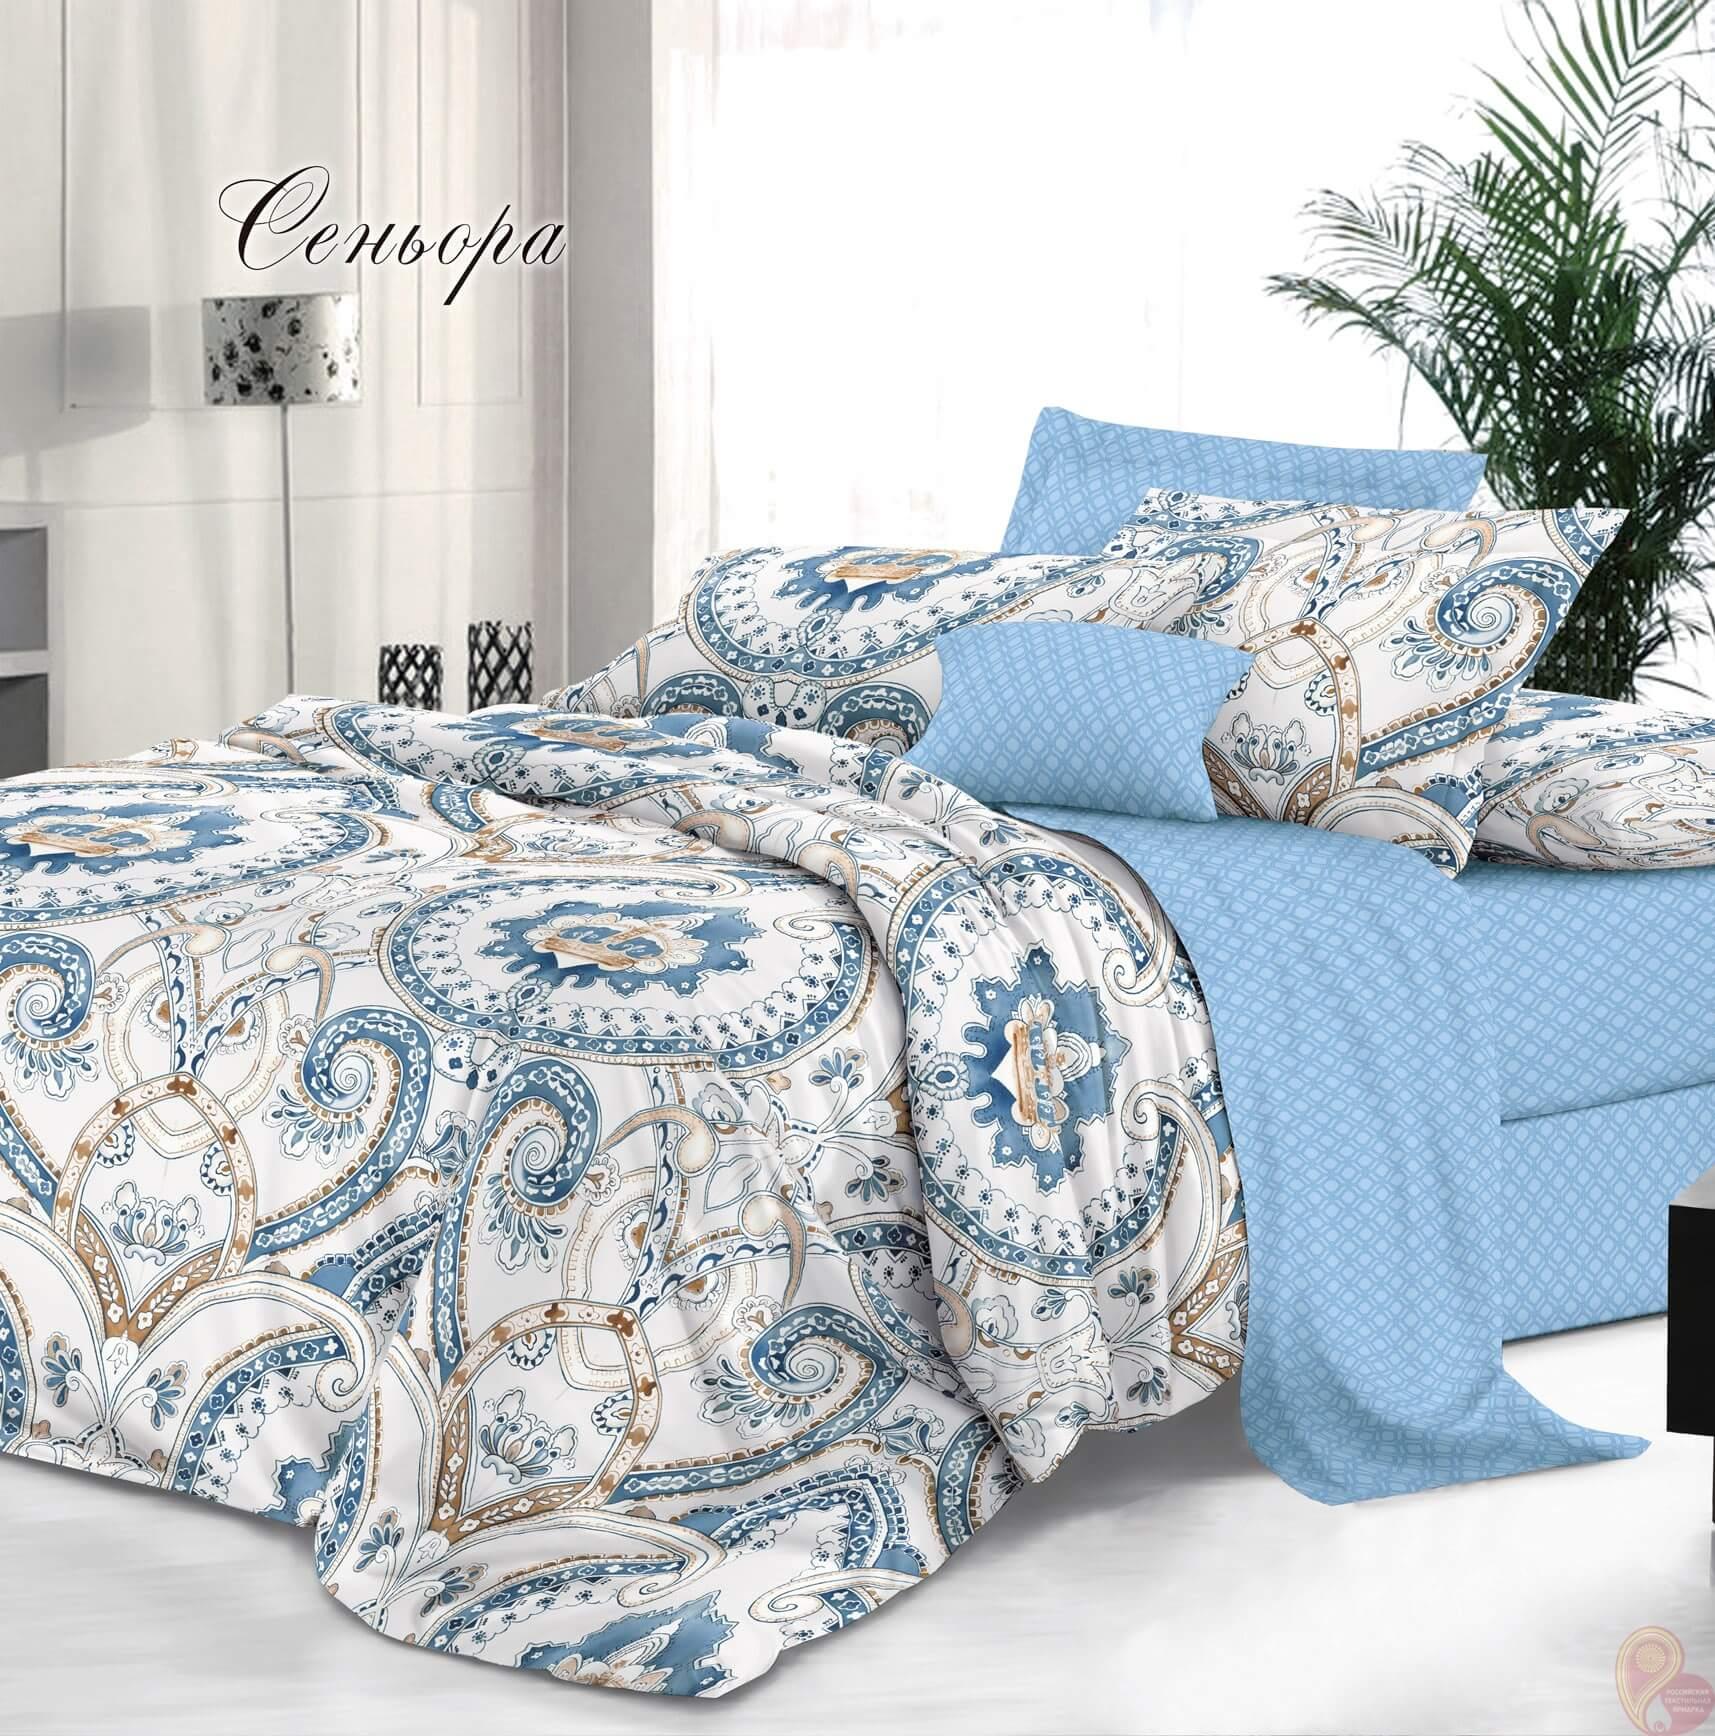 Купить ткани для постельного белья ставрополь что означает махровый